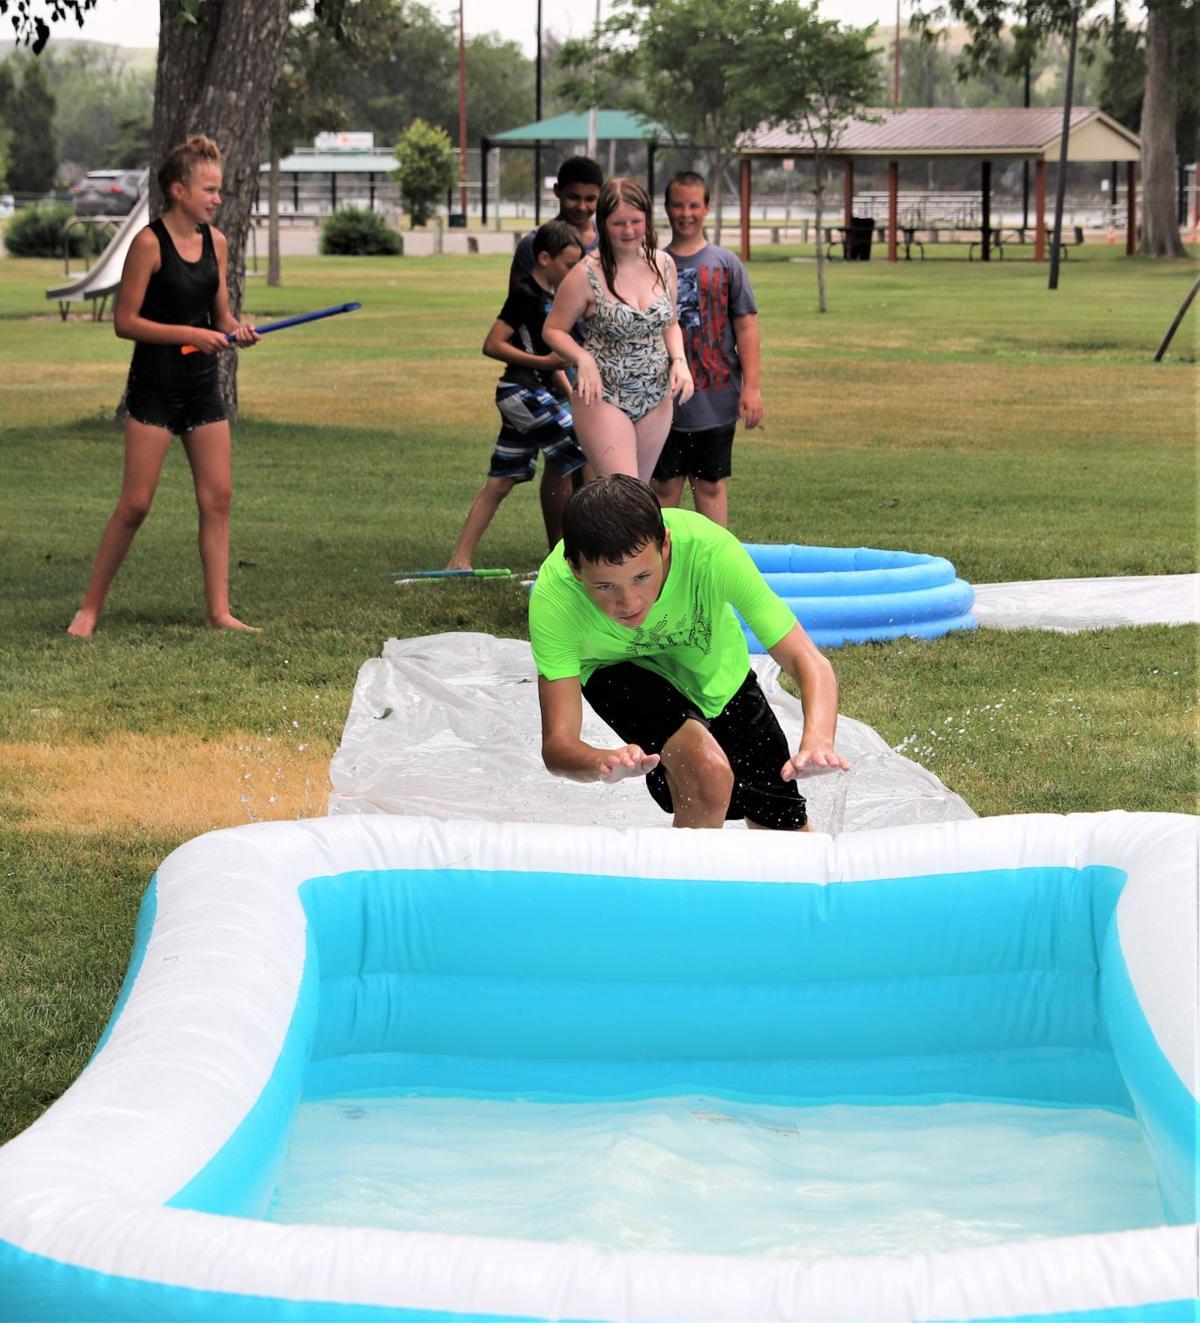 City youth slip-n-slide kickball